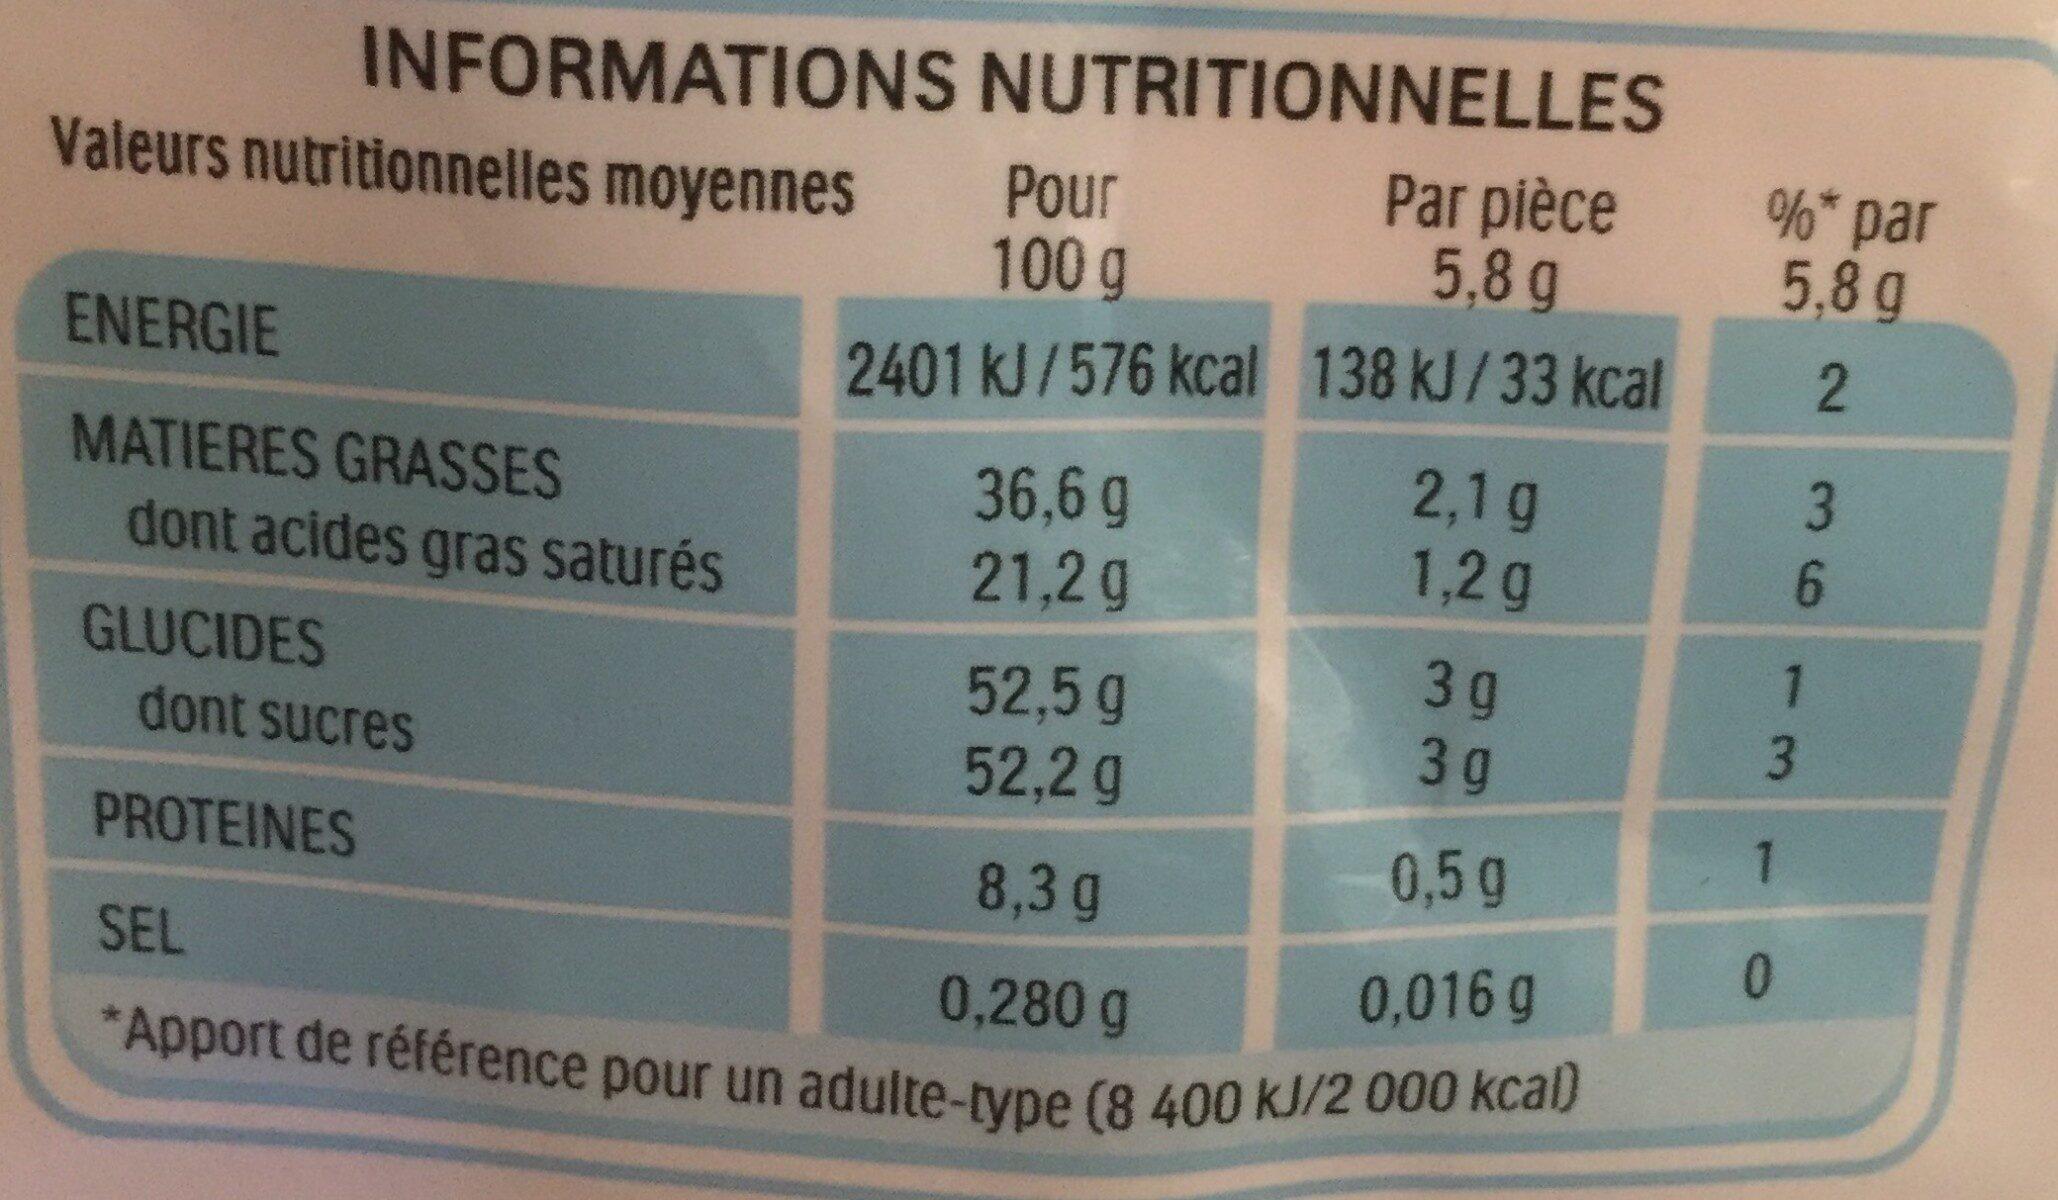 Kinder schokobons bonbons de chocolat au lait fourres lait et noisettes sachet - Valori nutrizionali - fr